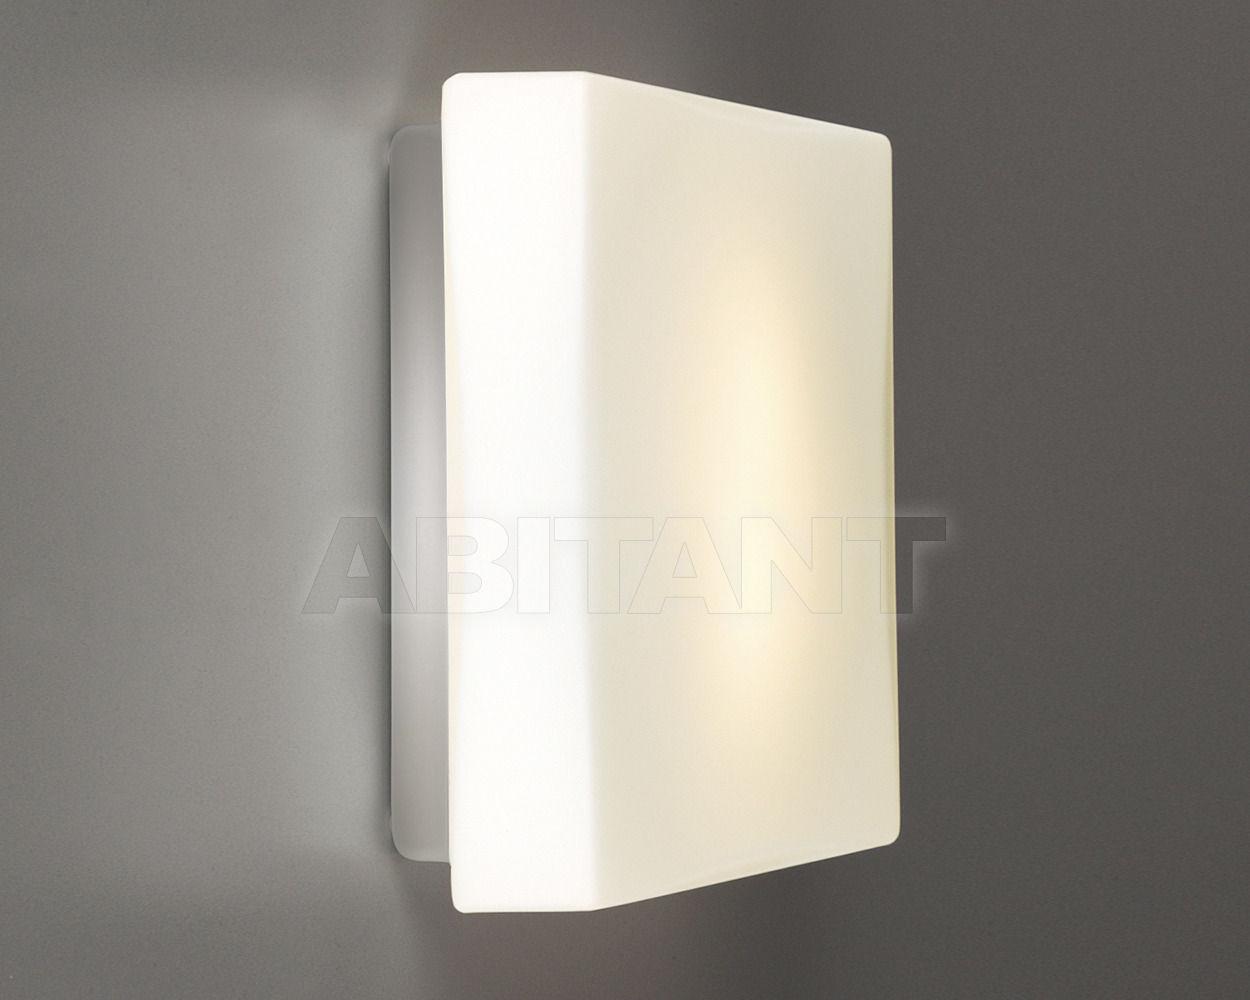 Купить Светильник настенный Linea Verdace 2012 LV 61014